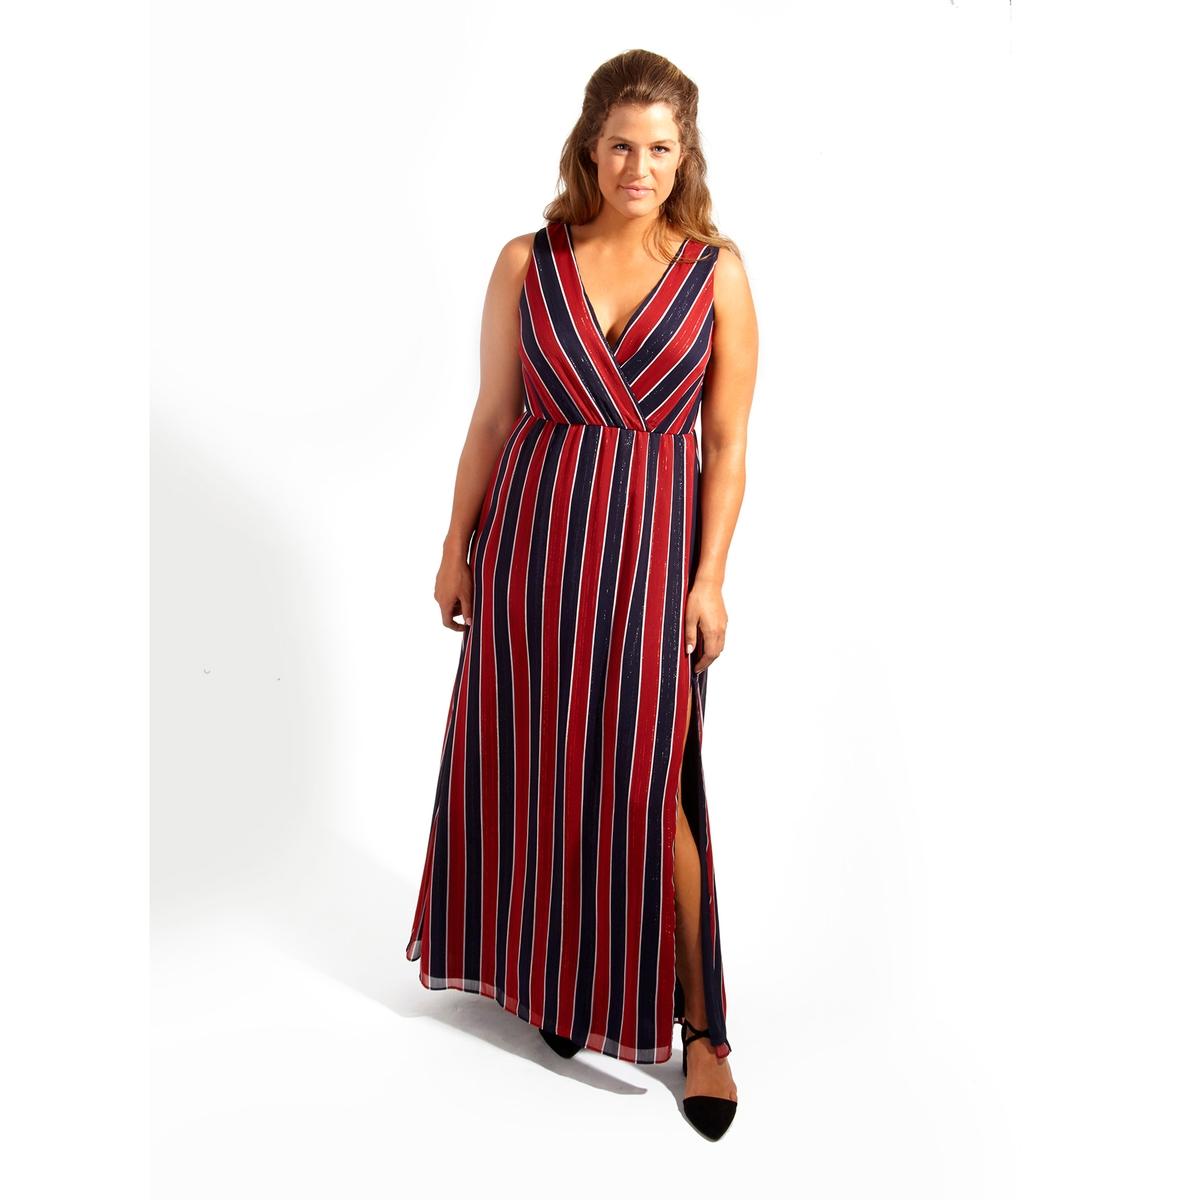 ПлатьеПлатье длинное KOKO BY KOKO. Симпатичное платье макси без рукавов с разрезом до колена . 100% полиэстер<br><br>Цвет: в полоску<br>Размер: 54/56 (FR) - 60/62 (RUS).44 (FR) - 50 (RUS).50/52 (FR) - 56/58 (RUS)